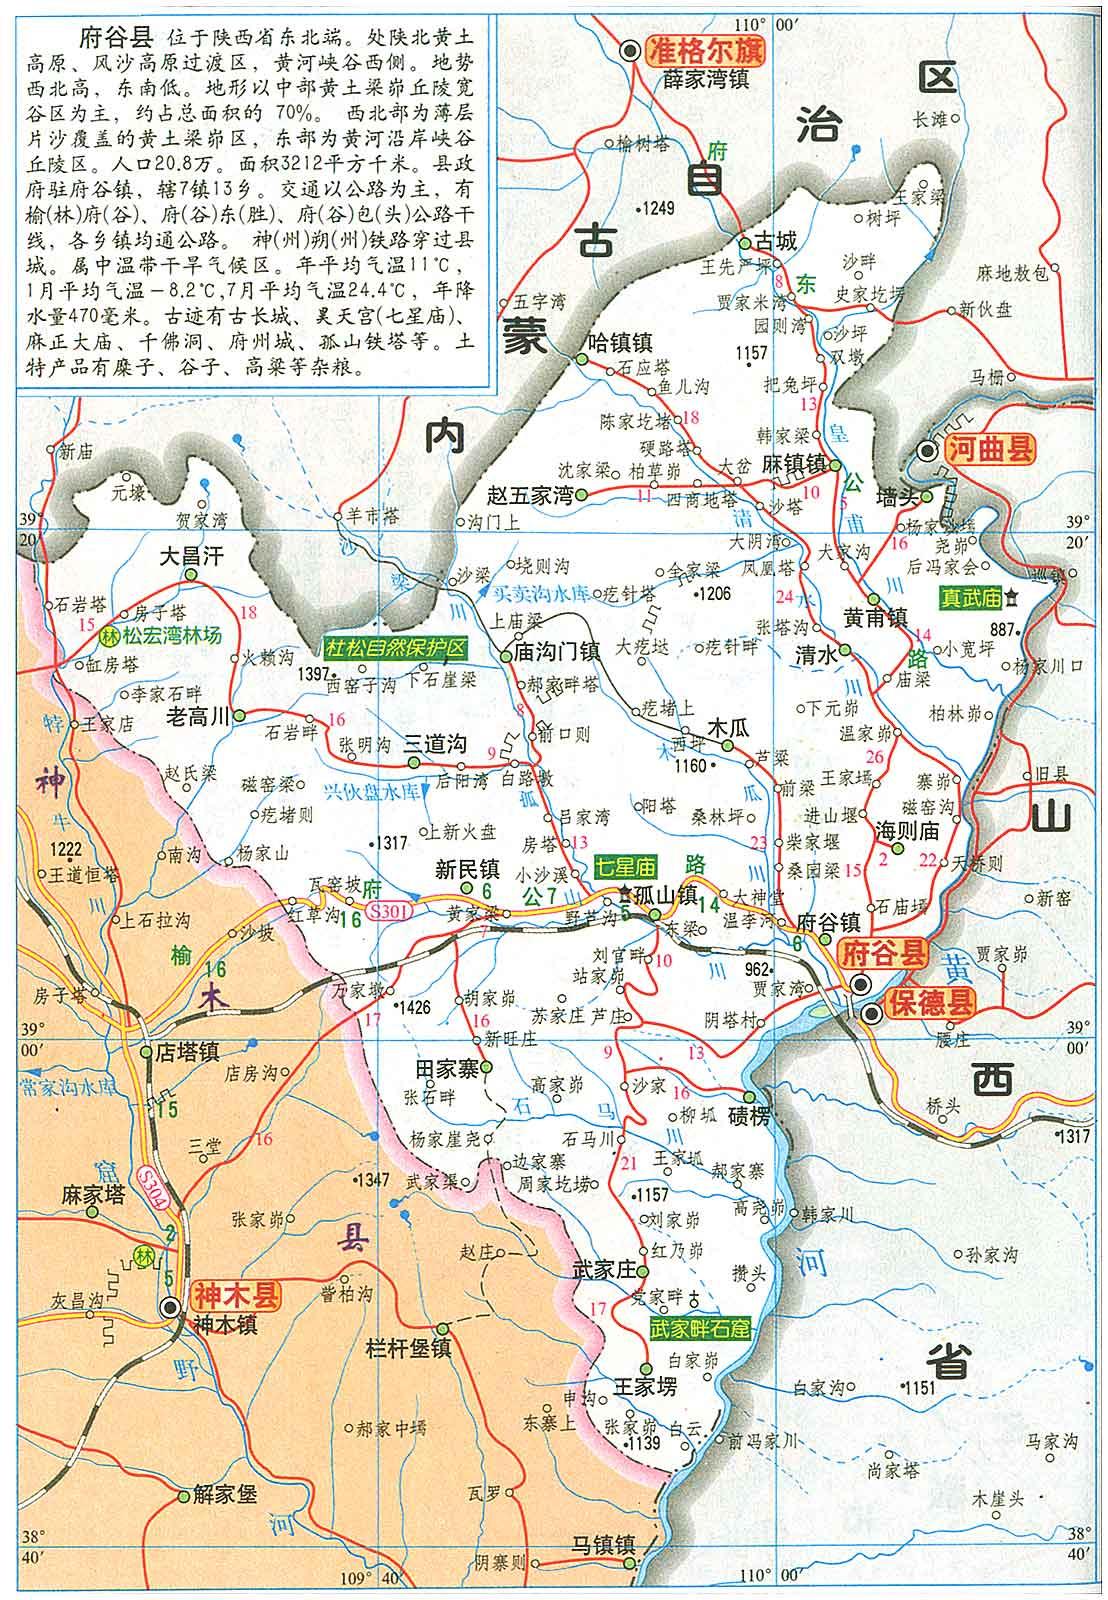 府谷地图(详细版)